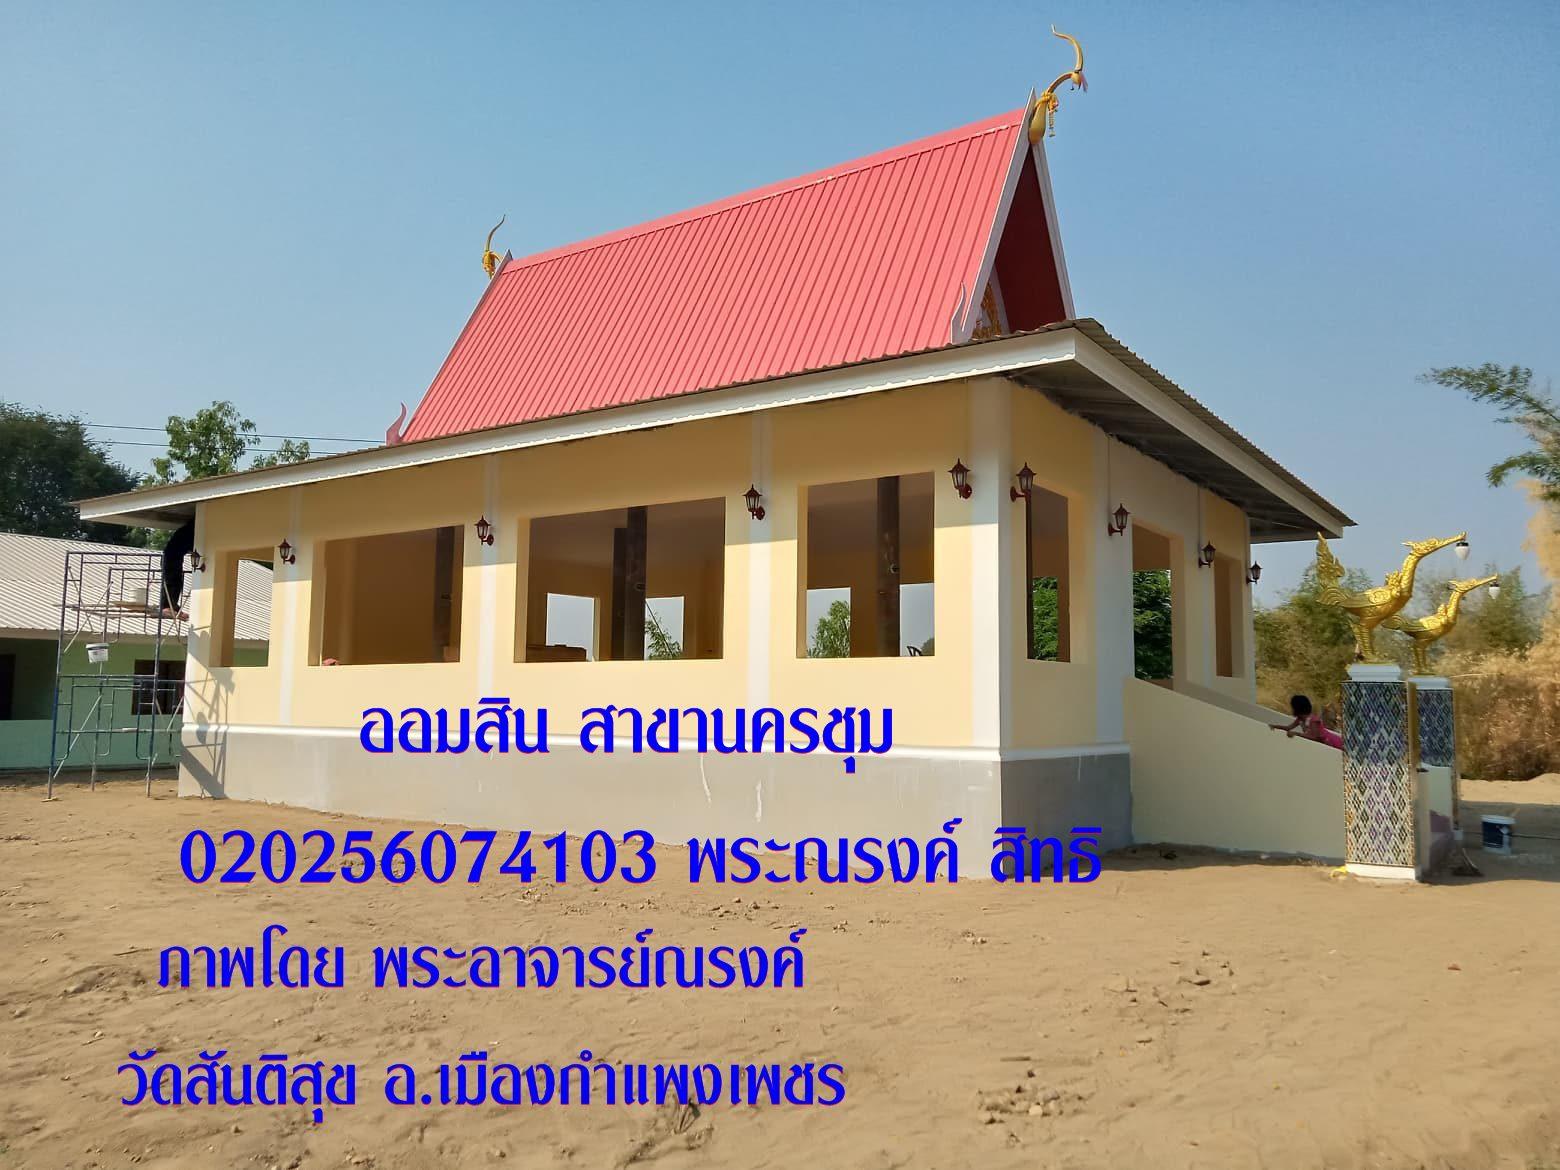 87060099_1313669948829020_3145661750129459200_n.jpg